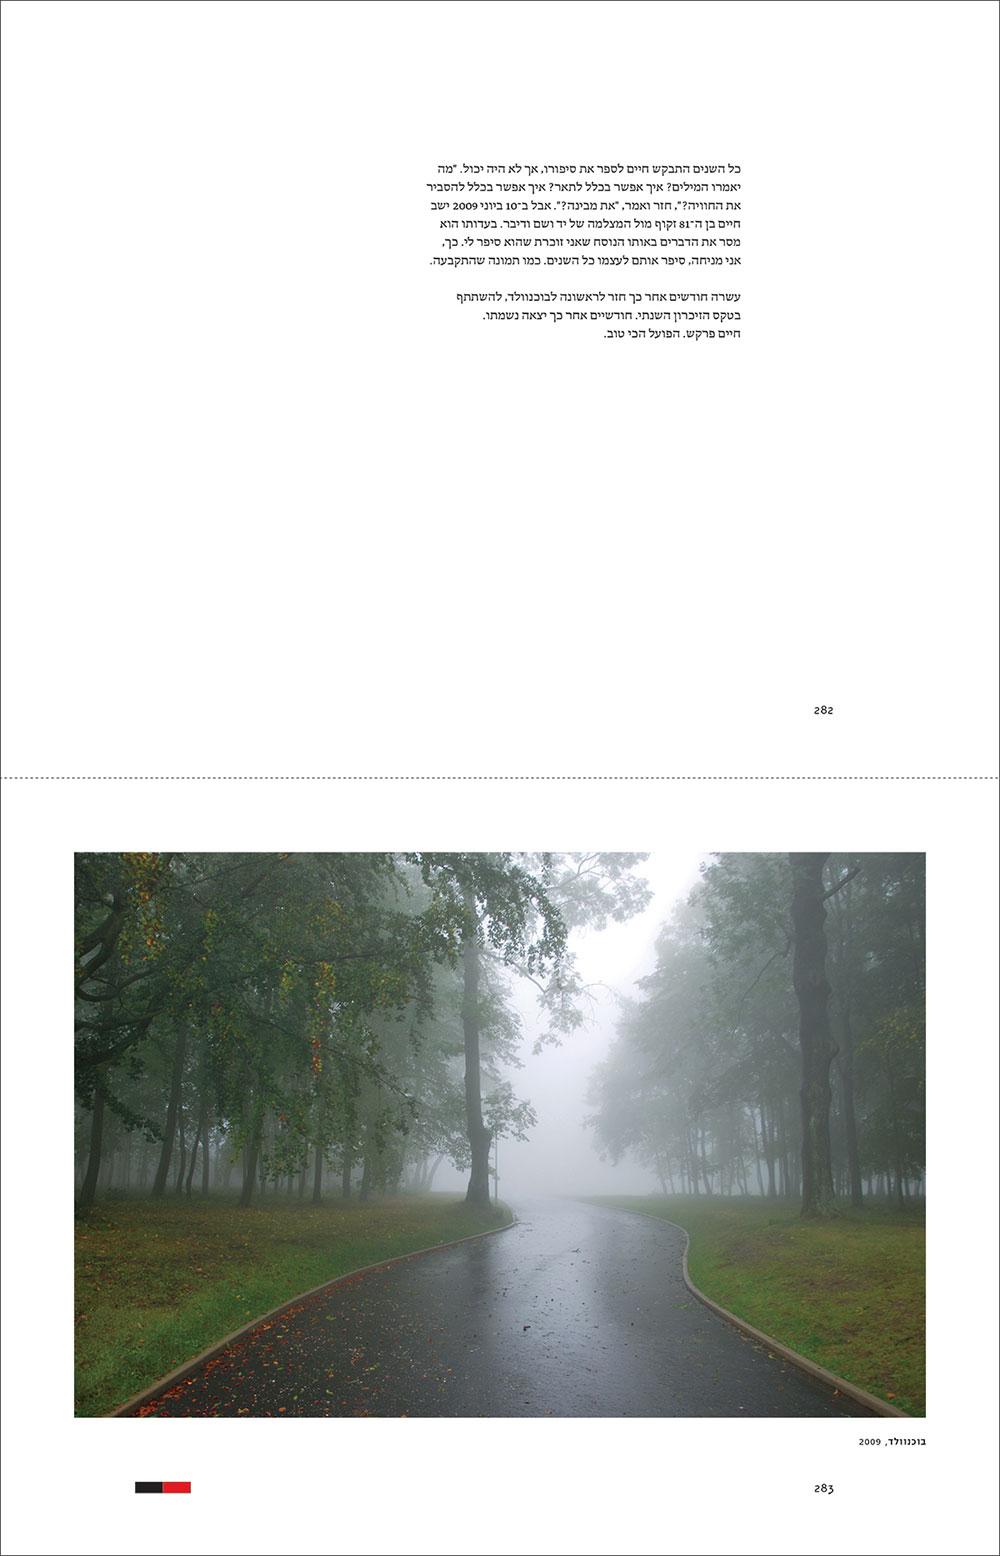 פנטומים, דנה אריאלי, עמודים 282-283